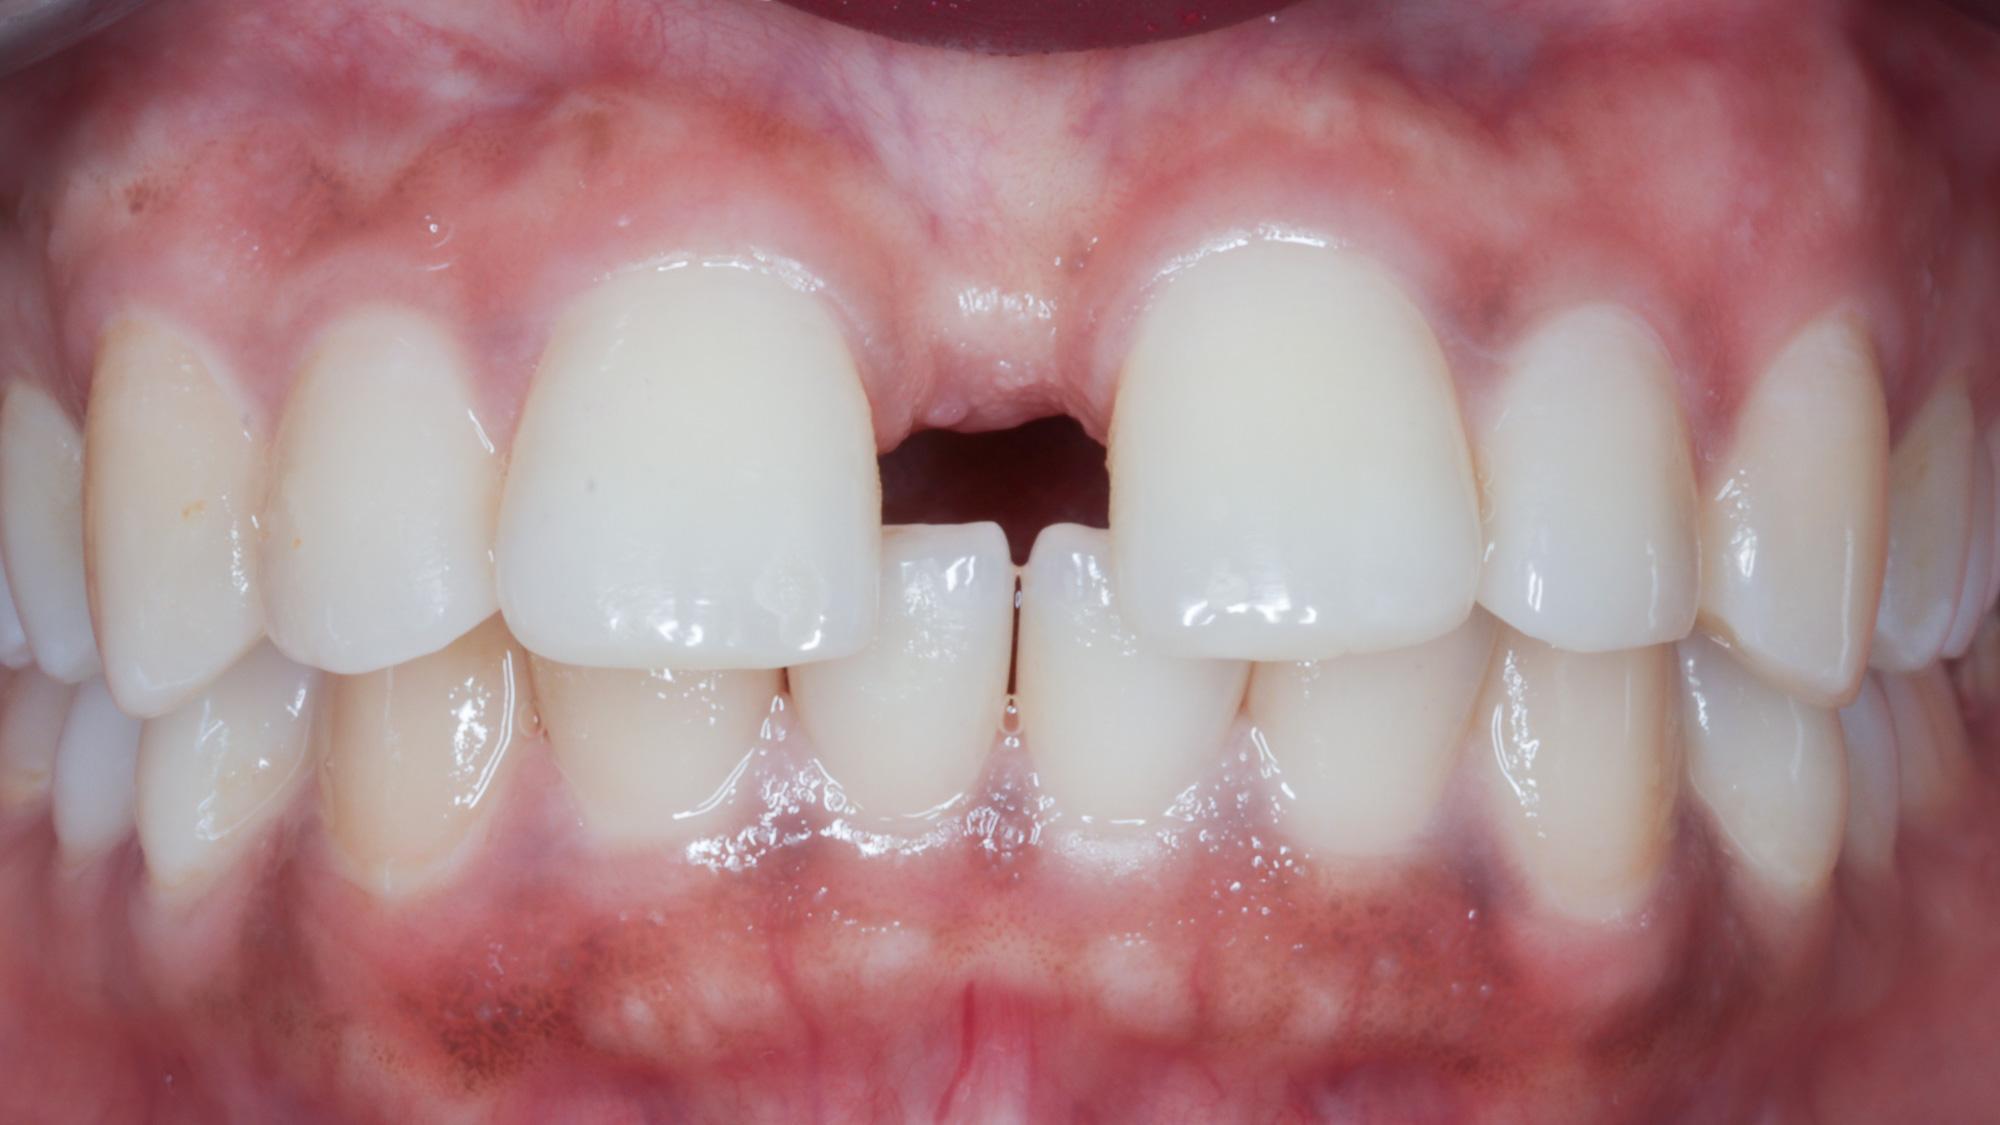 Hammasrako tai rako hampaiden välissä